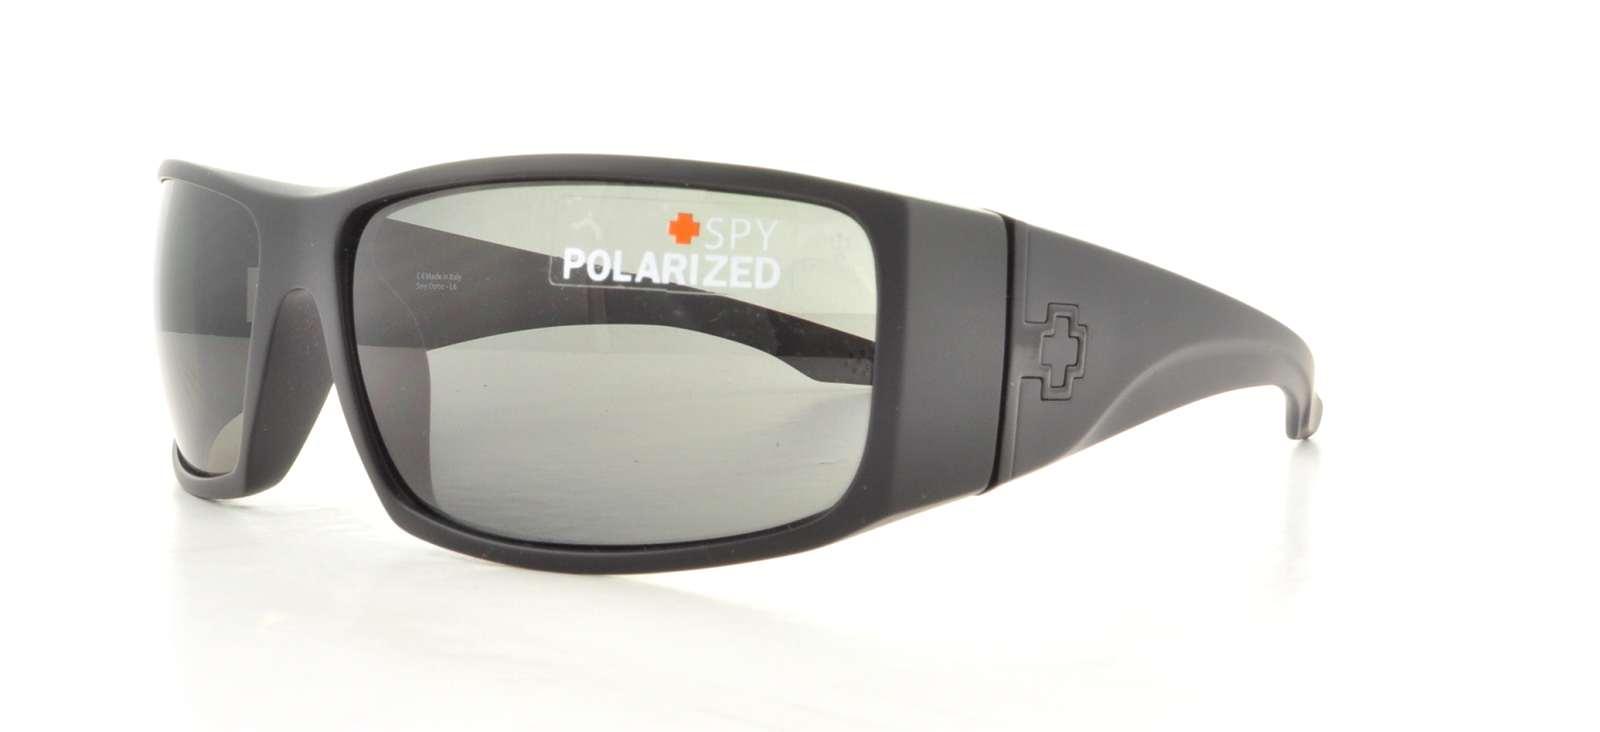 dfd4c873f14e4 Designer Frames Outlet. Spy COOPER XL